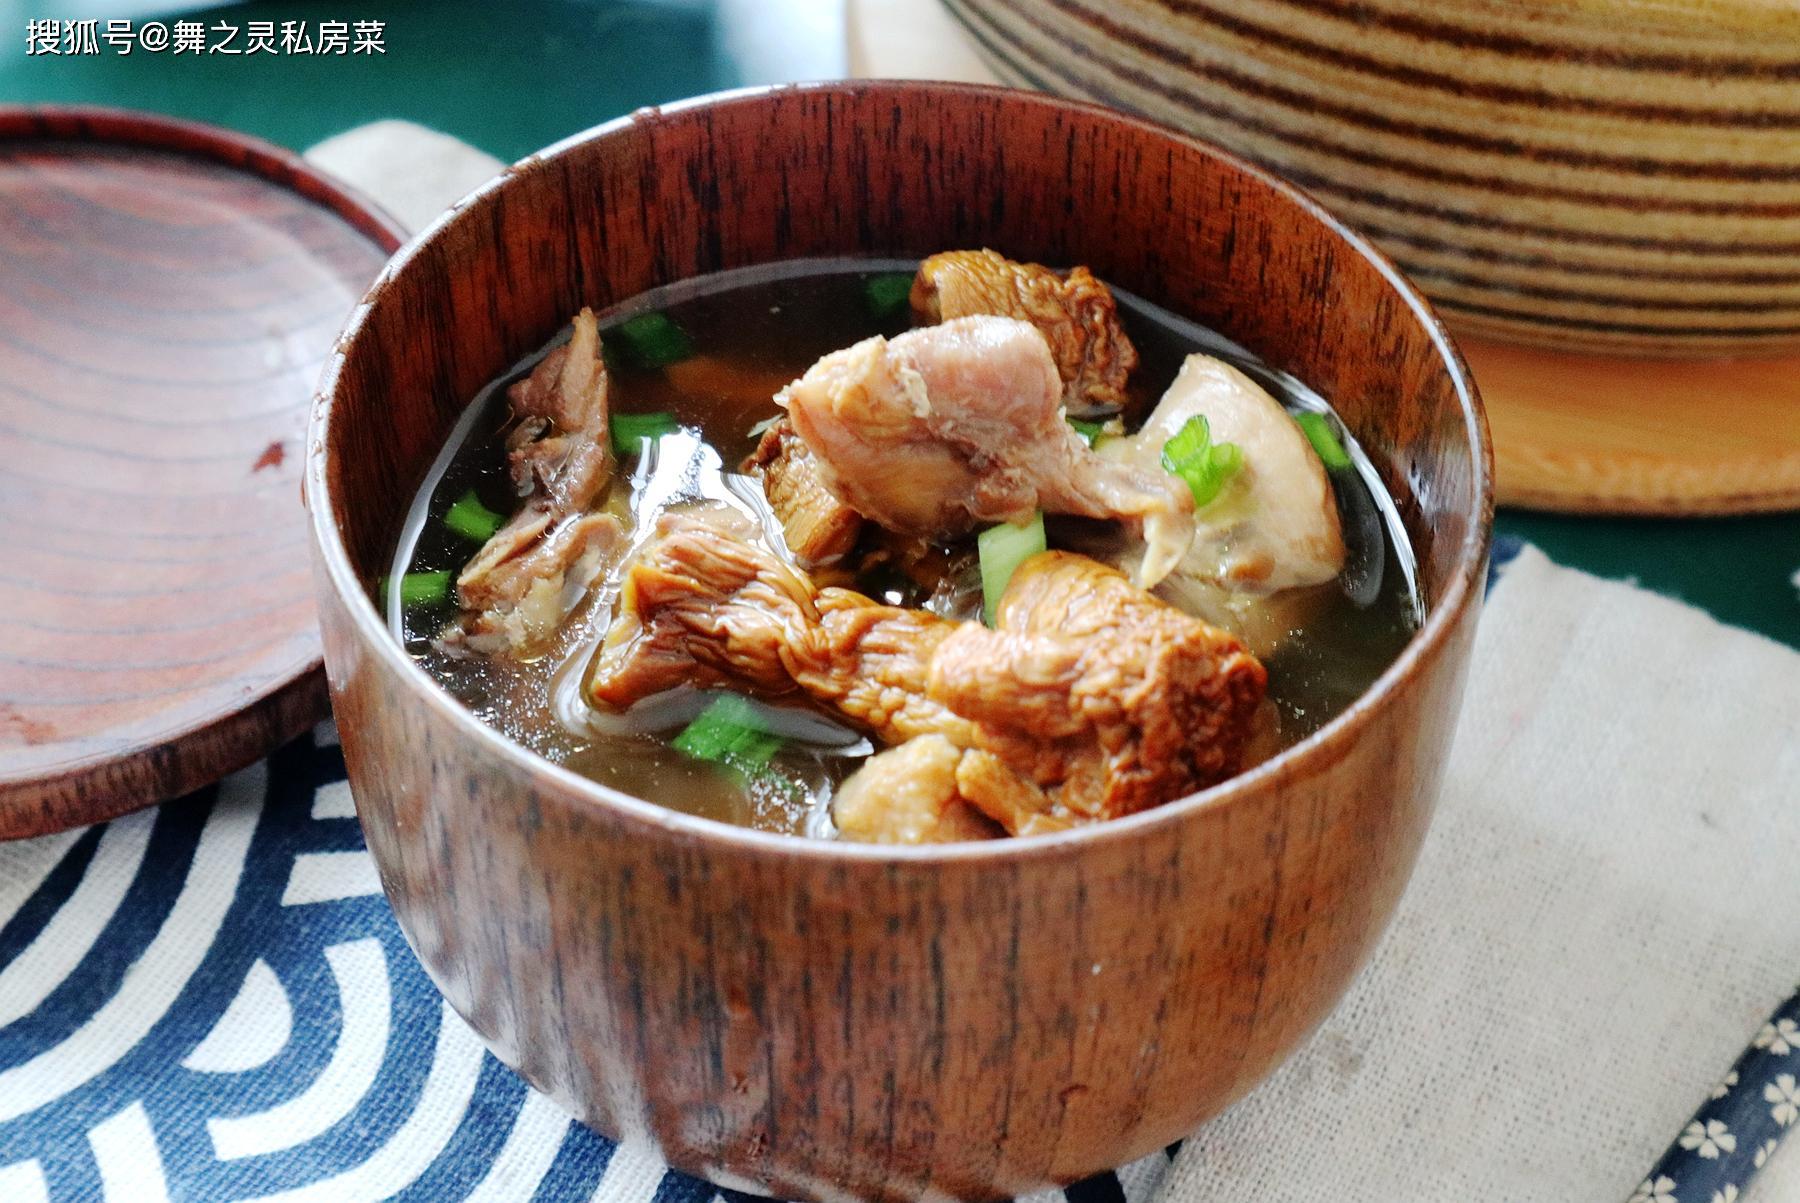 """此菜是""""真菌之王"""",过年宴客要备上,抗病毒增强免疫力,都要吃"""